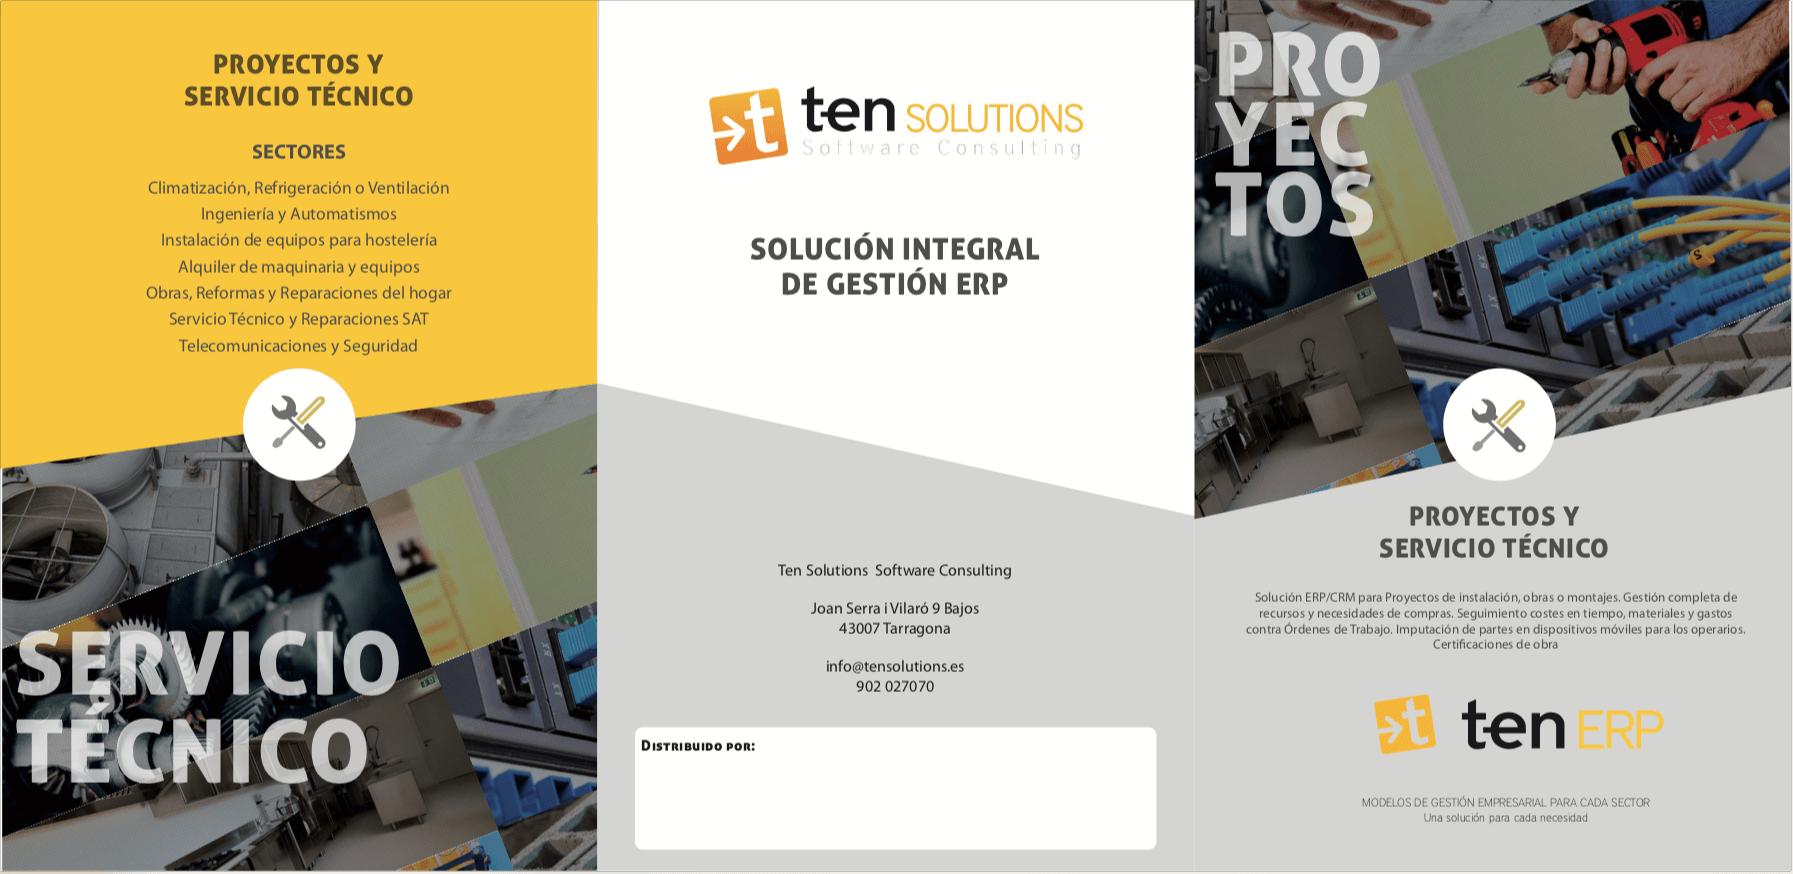 Proyectos y servicio técnico